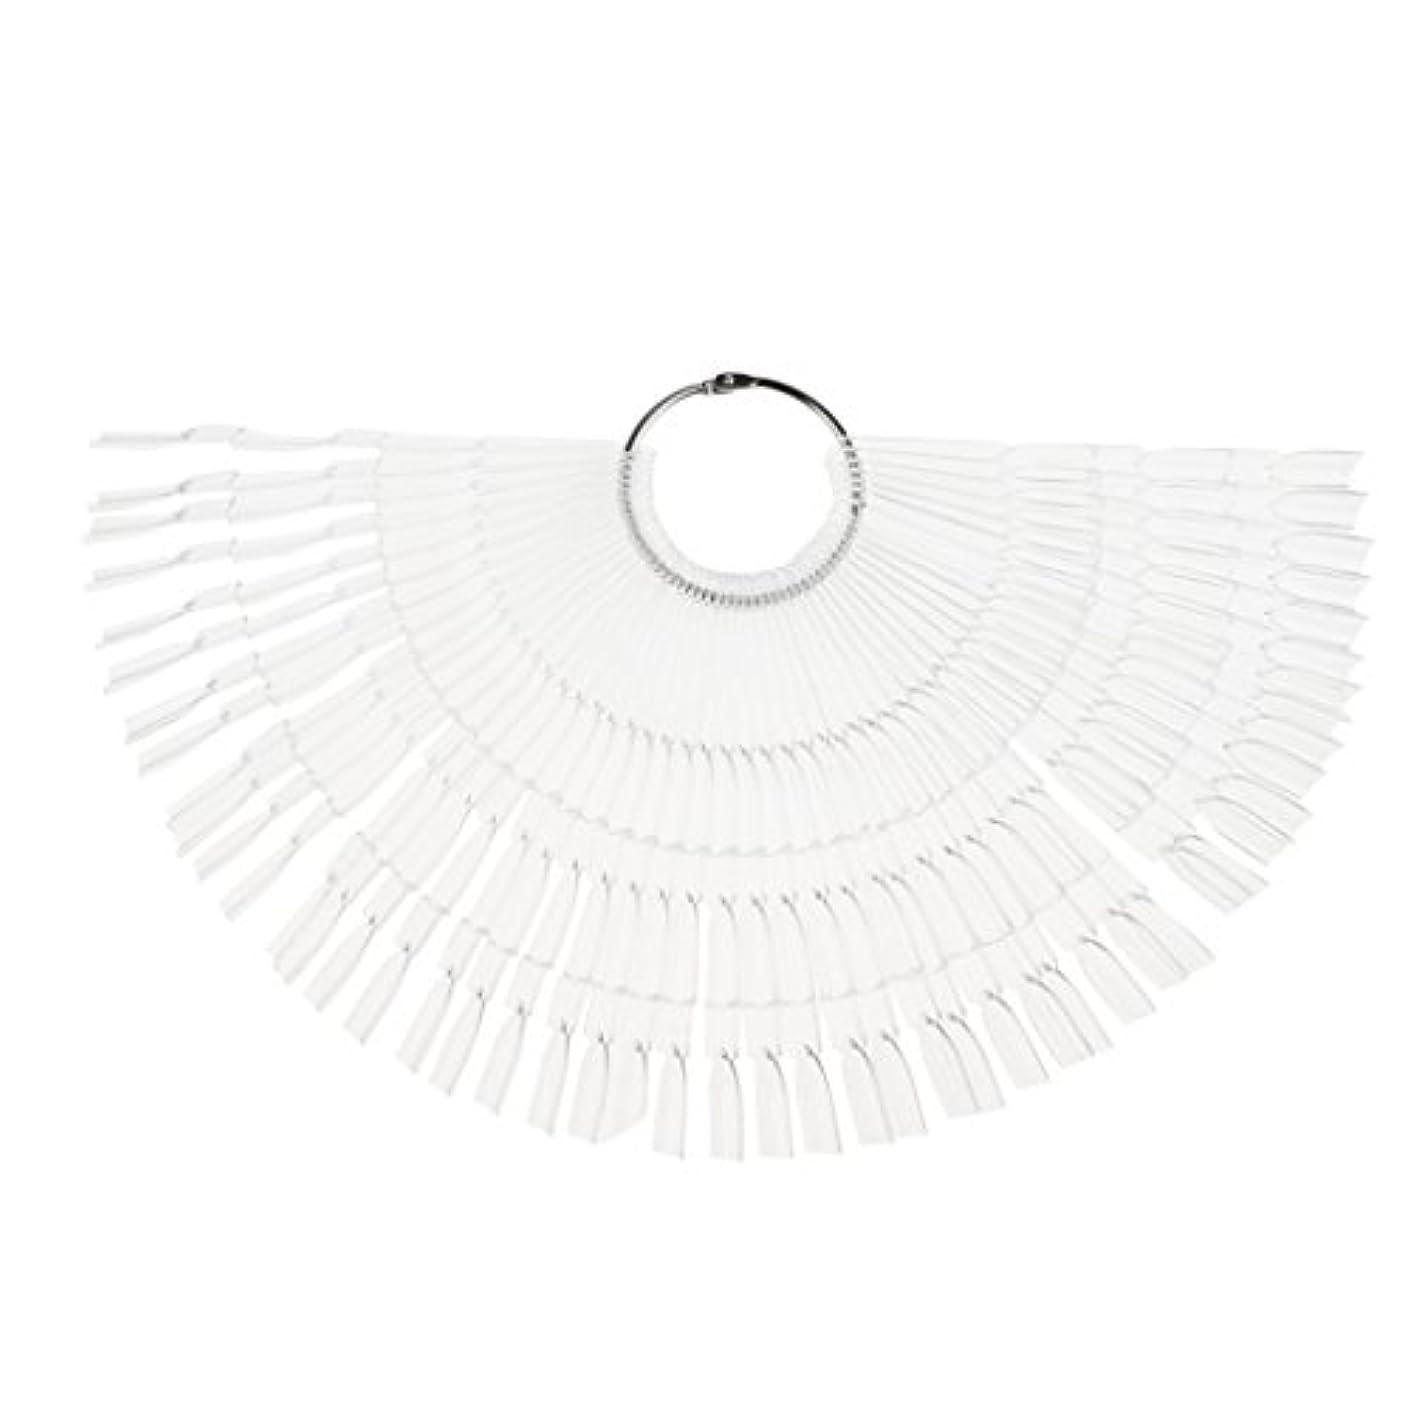 Fenteer ネイルアート カラー表示チャート 約50個の扇形ヒント カラーディスプレイパレット ネイル ポリッシュ 2タイプ選べる - クリア